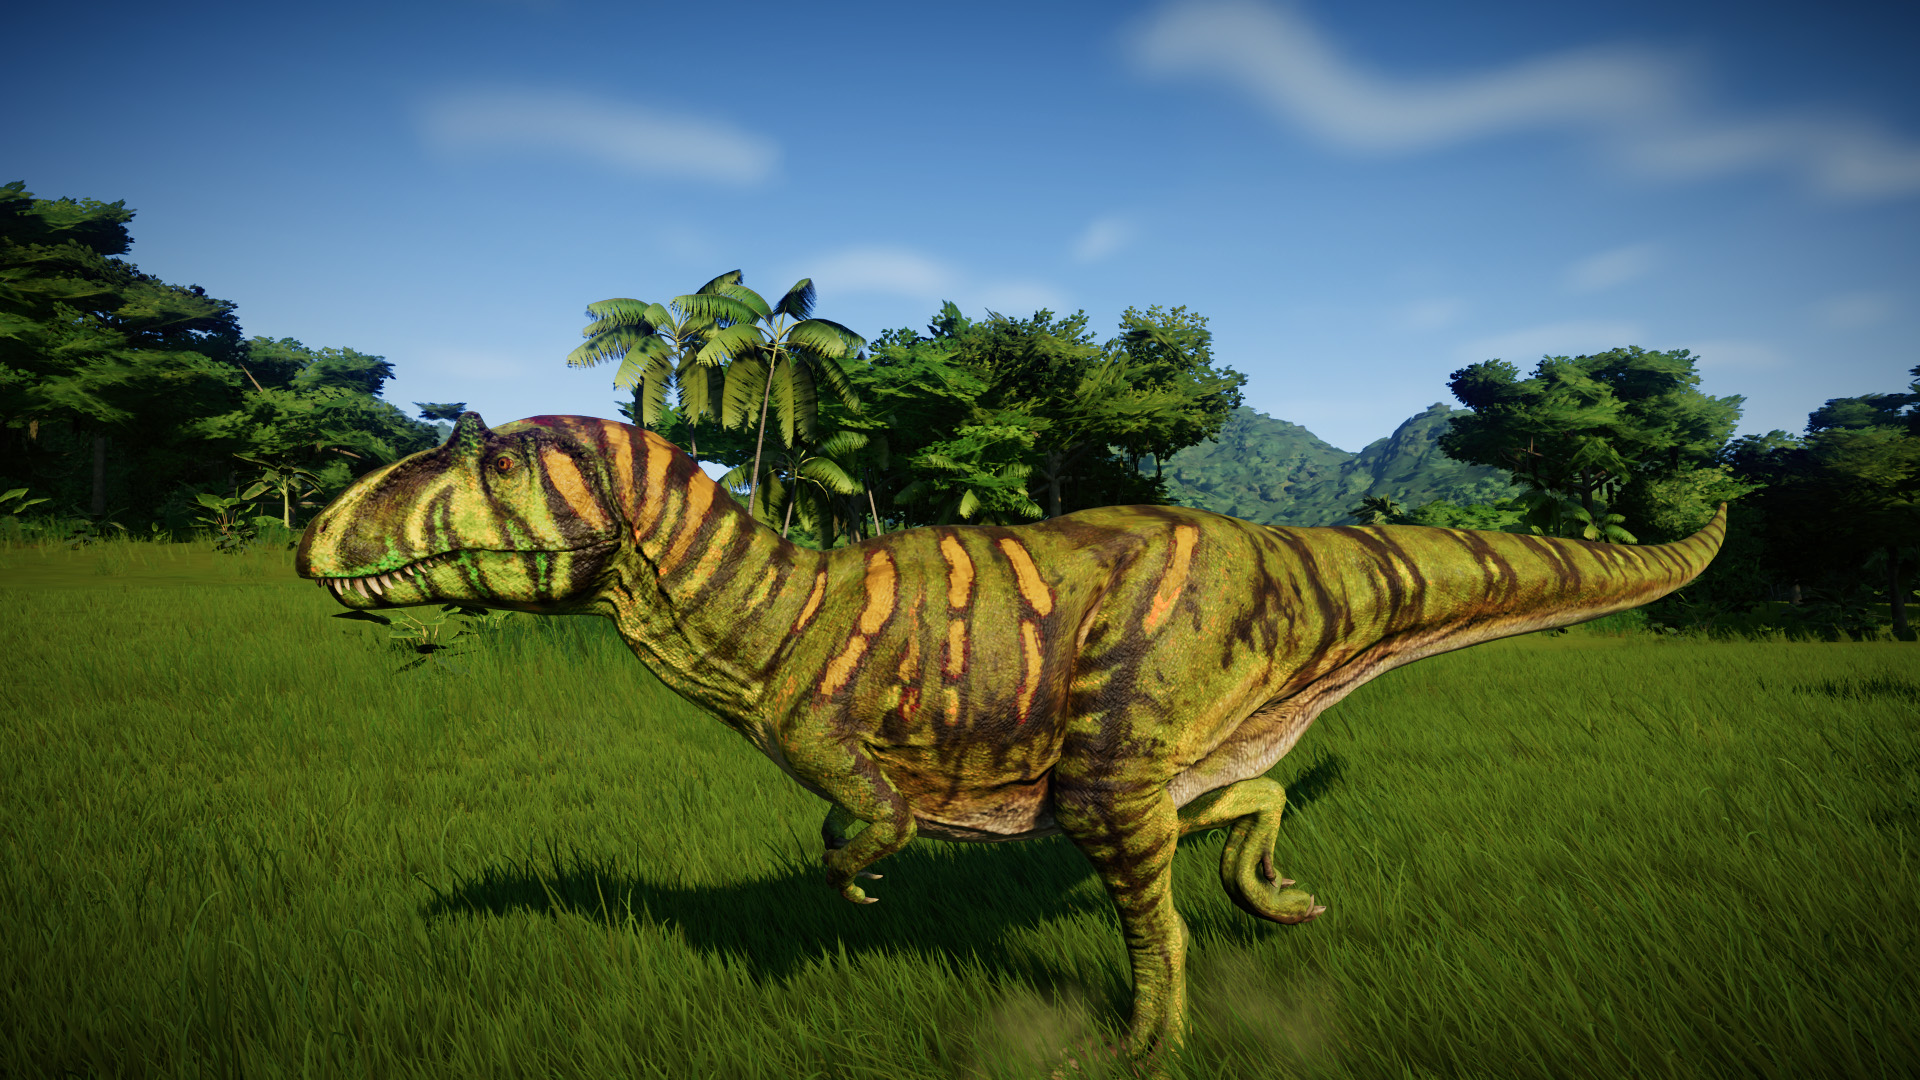 Метриакантозавр - Jurassic World Evolution